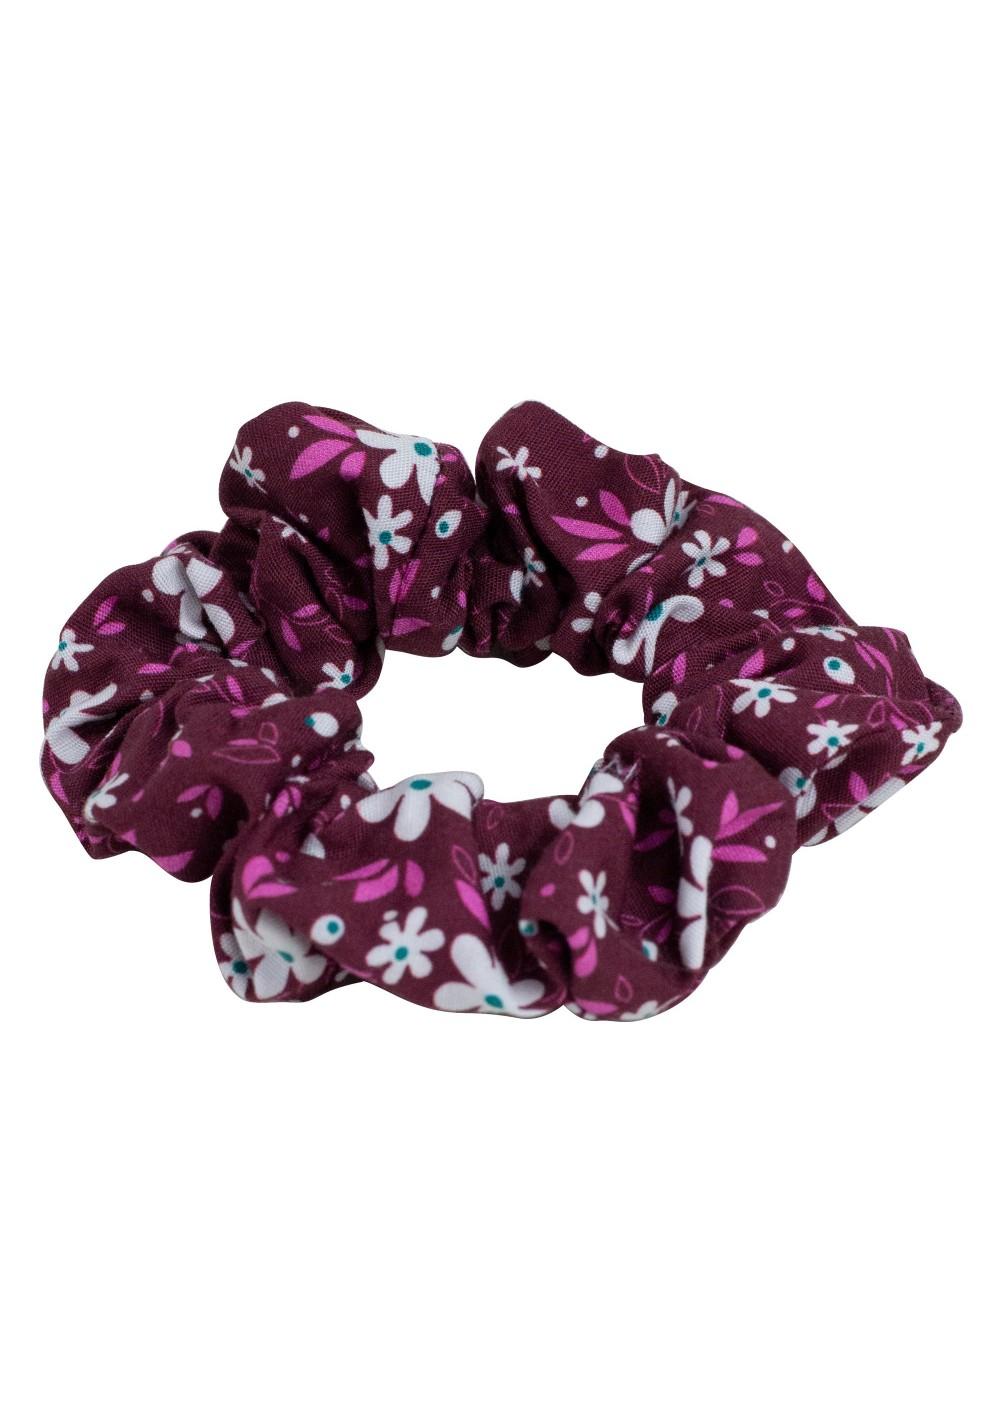 floral scrunchie in burgundy